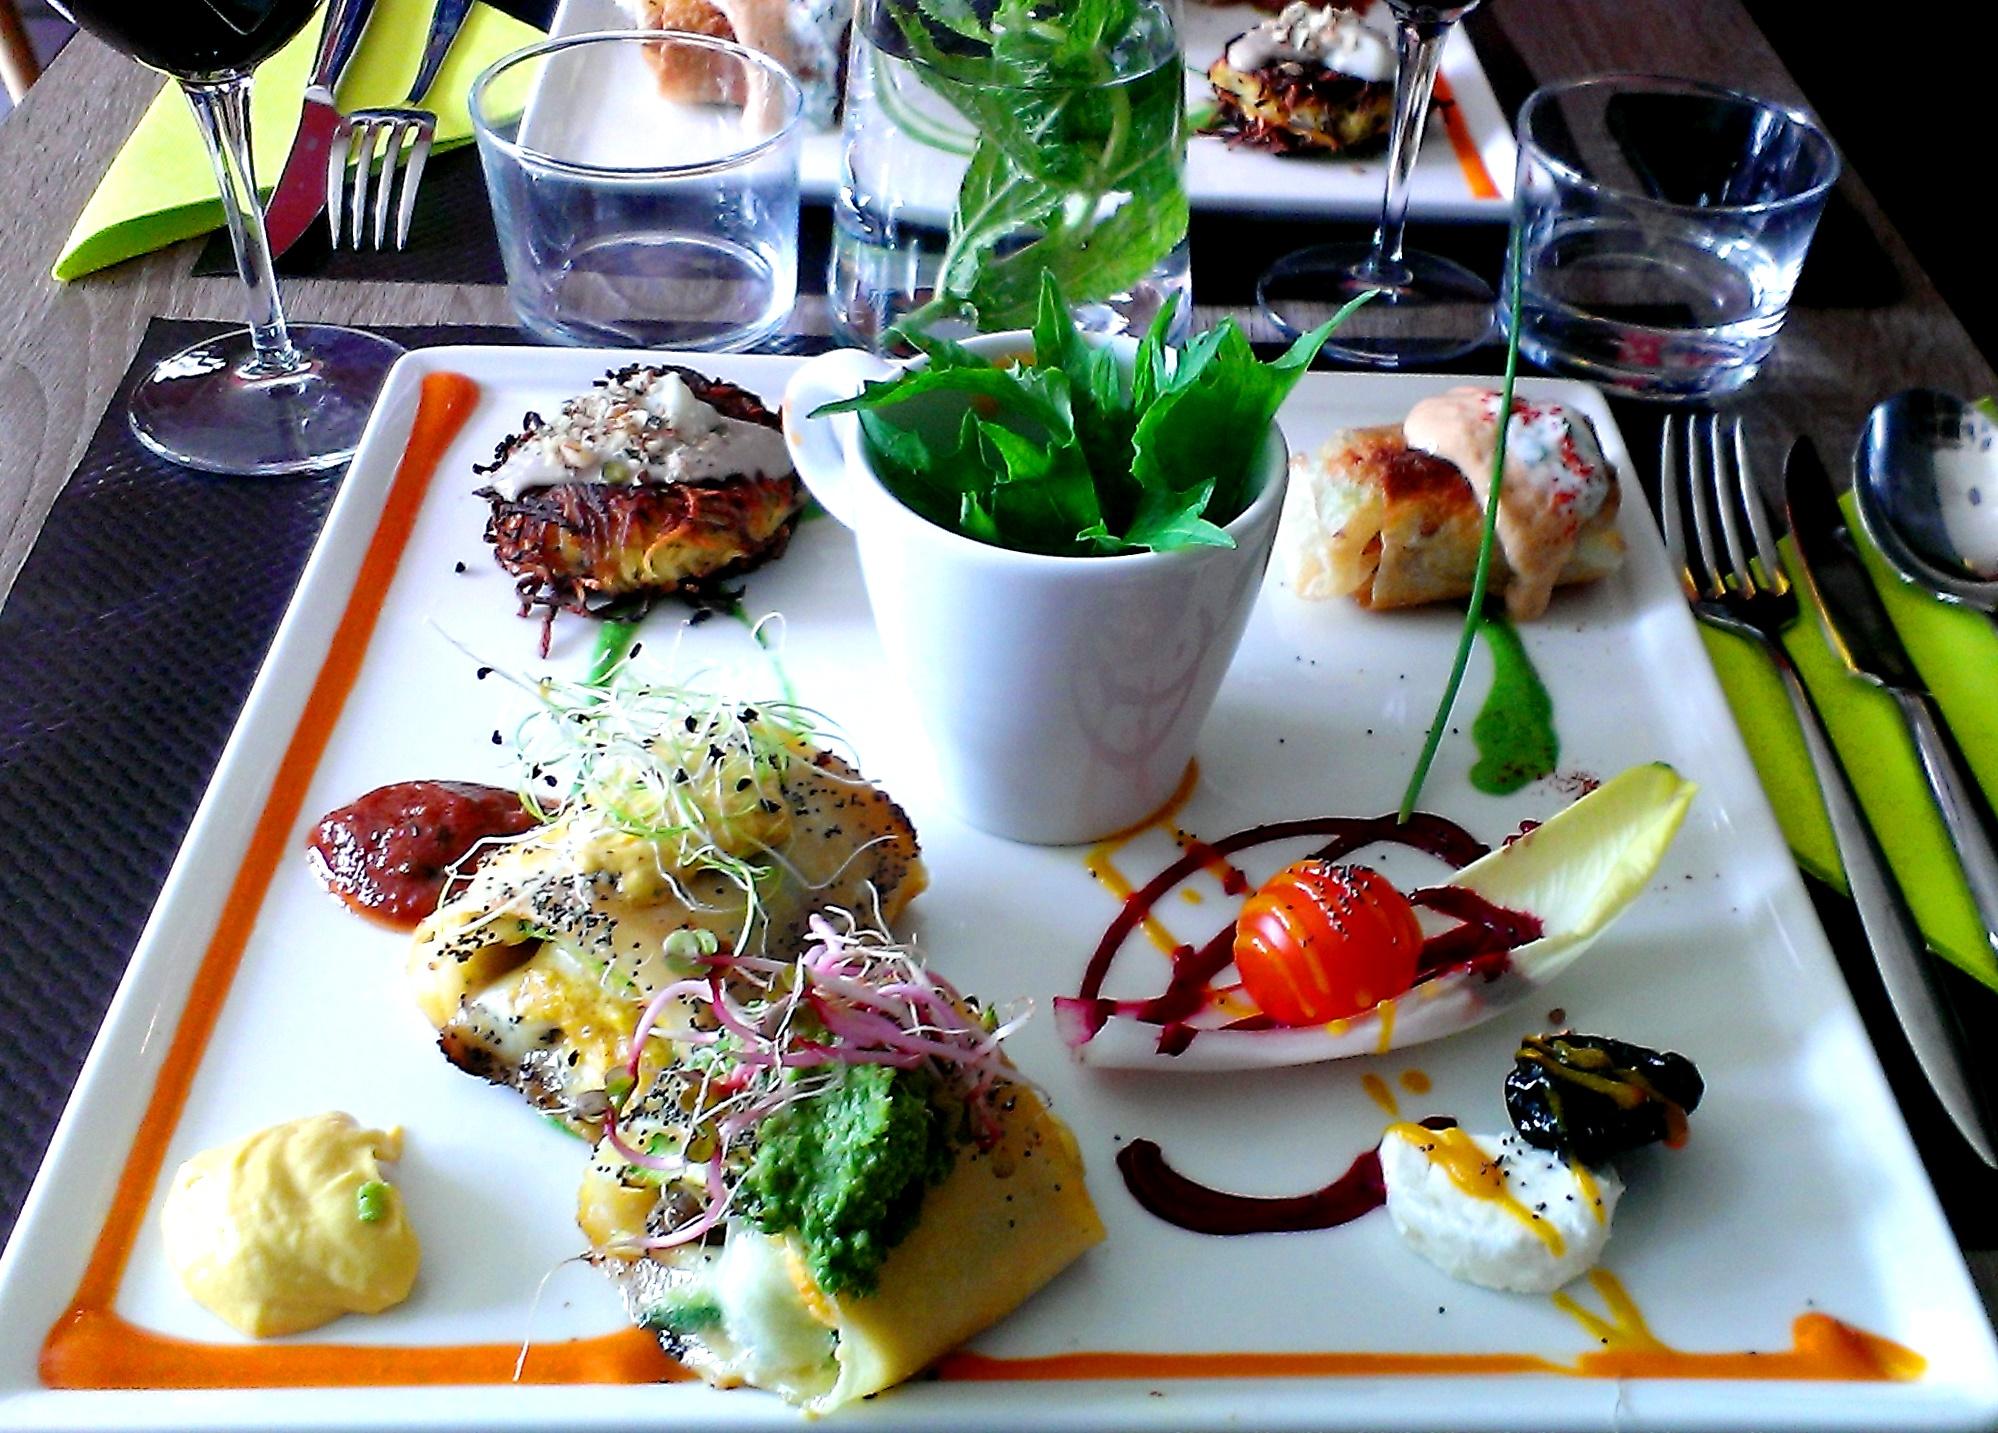 Patisserie vegan bordeaux - Resto bio tours ...